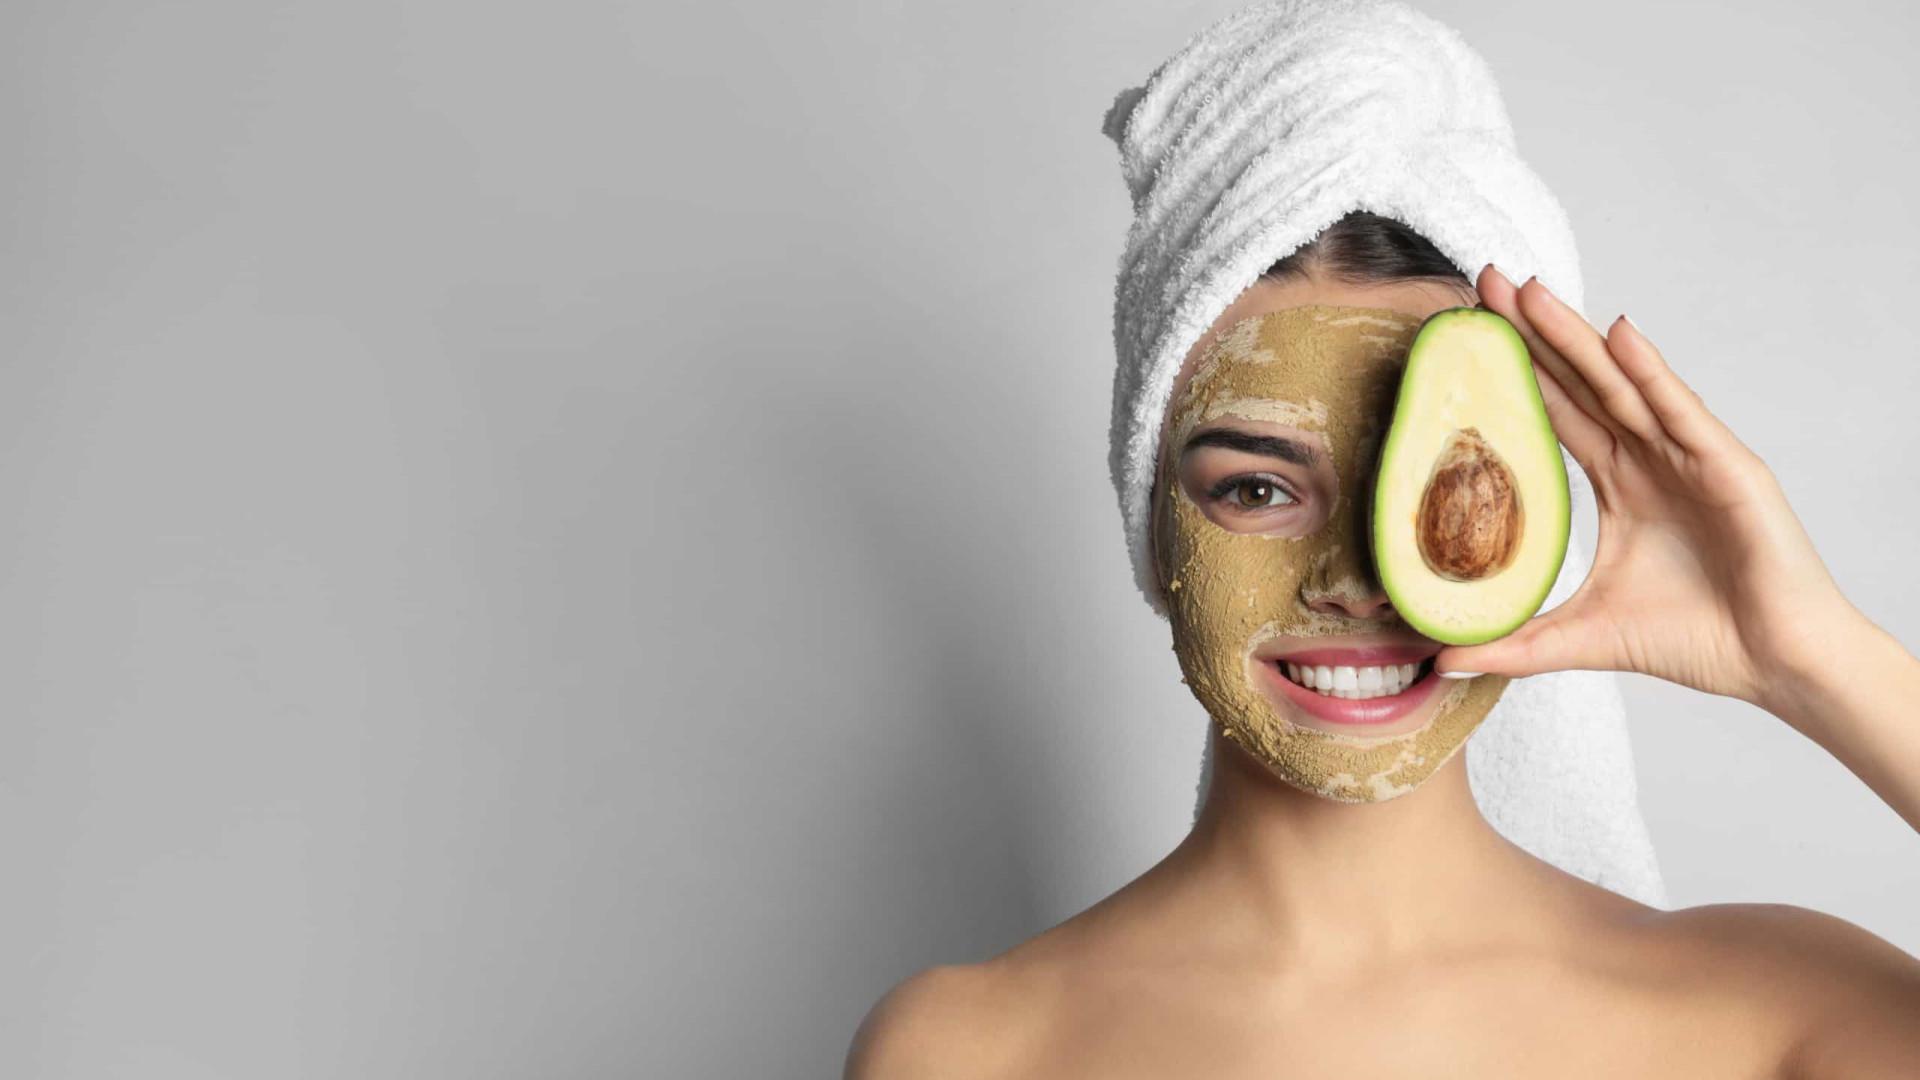 Máscara caseira de abacate e limão para rejuvenescer a pele